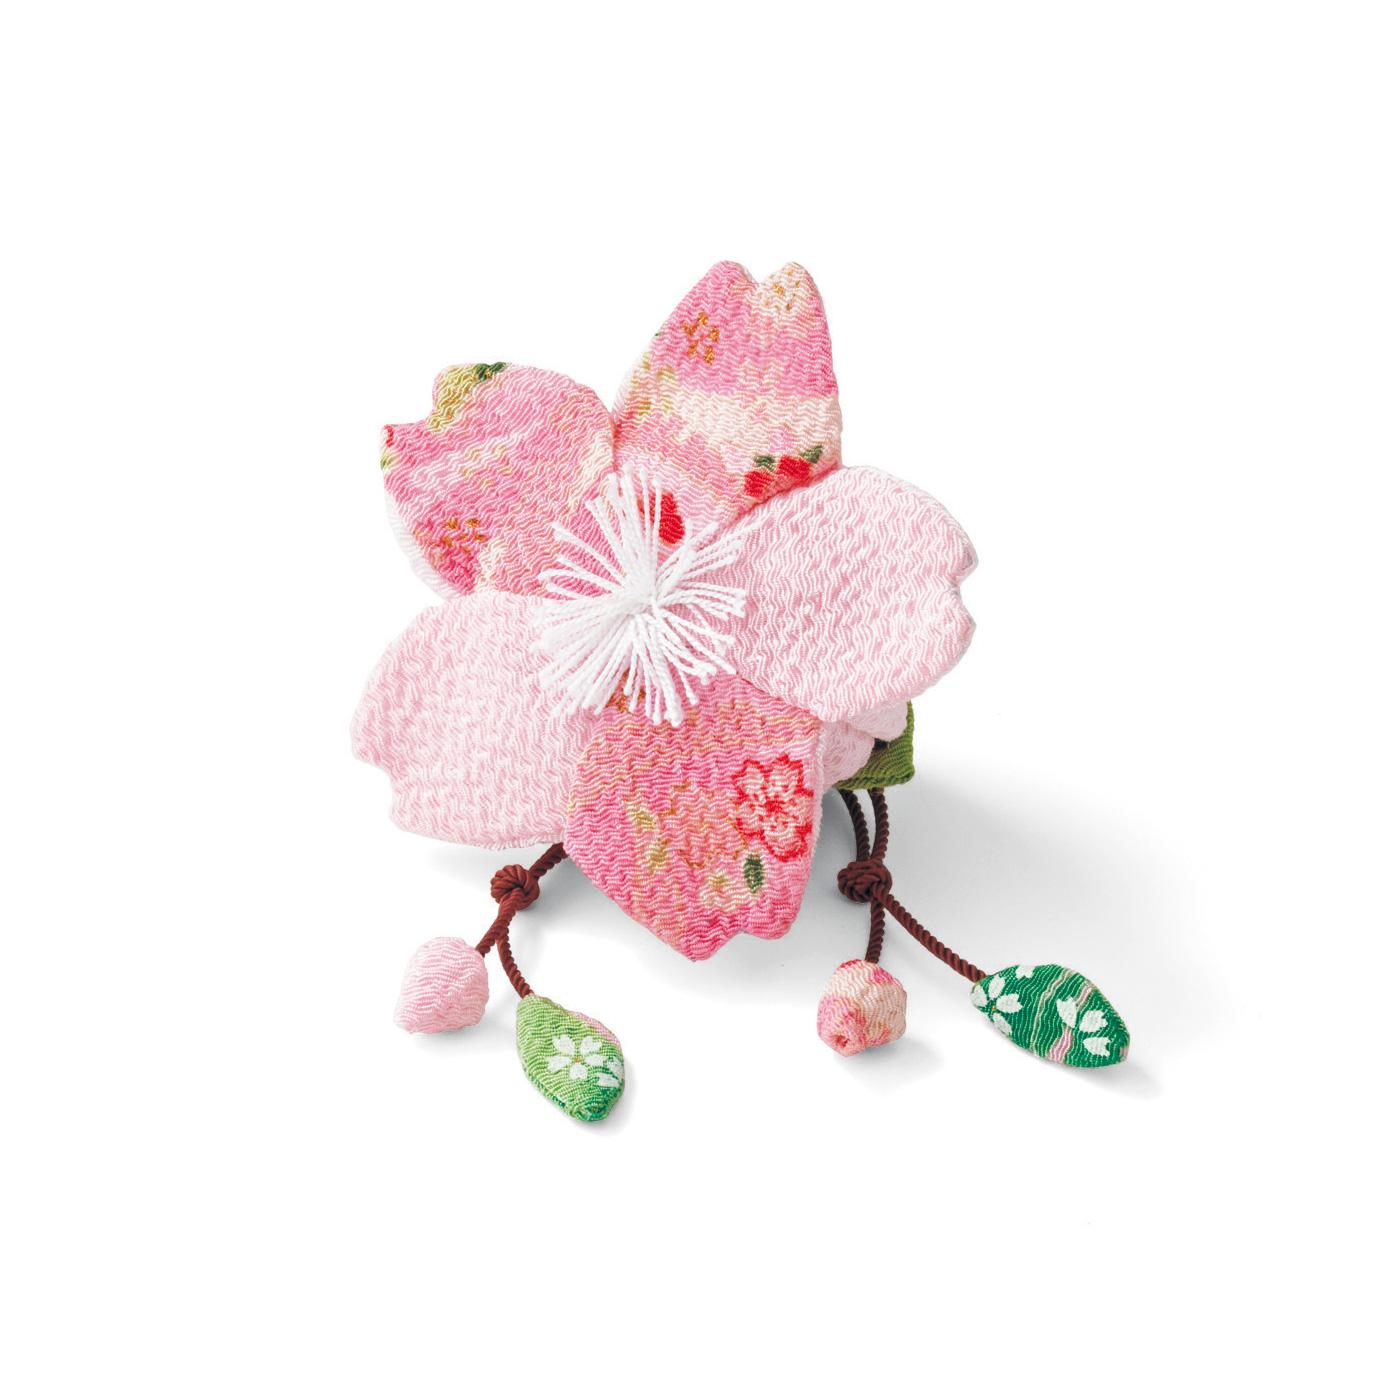 淡く可憐な桜の花